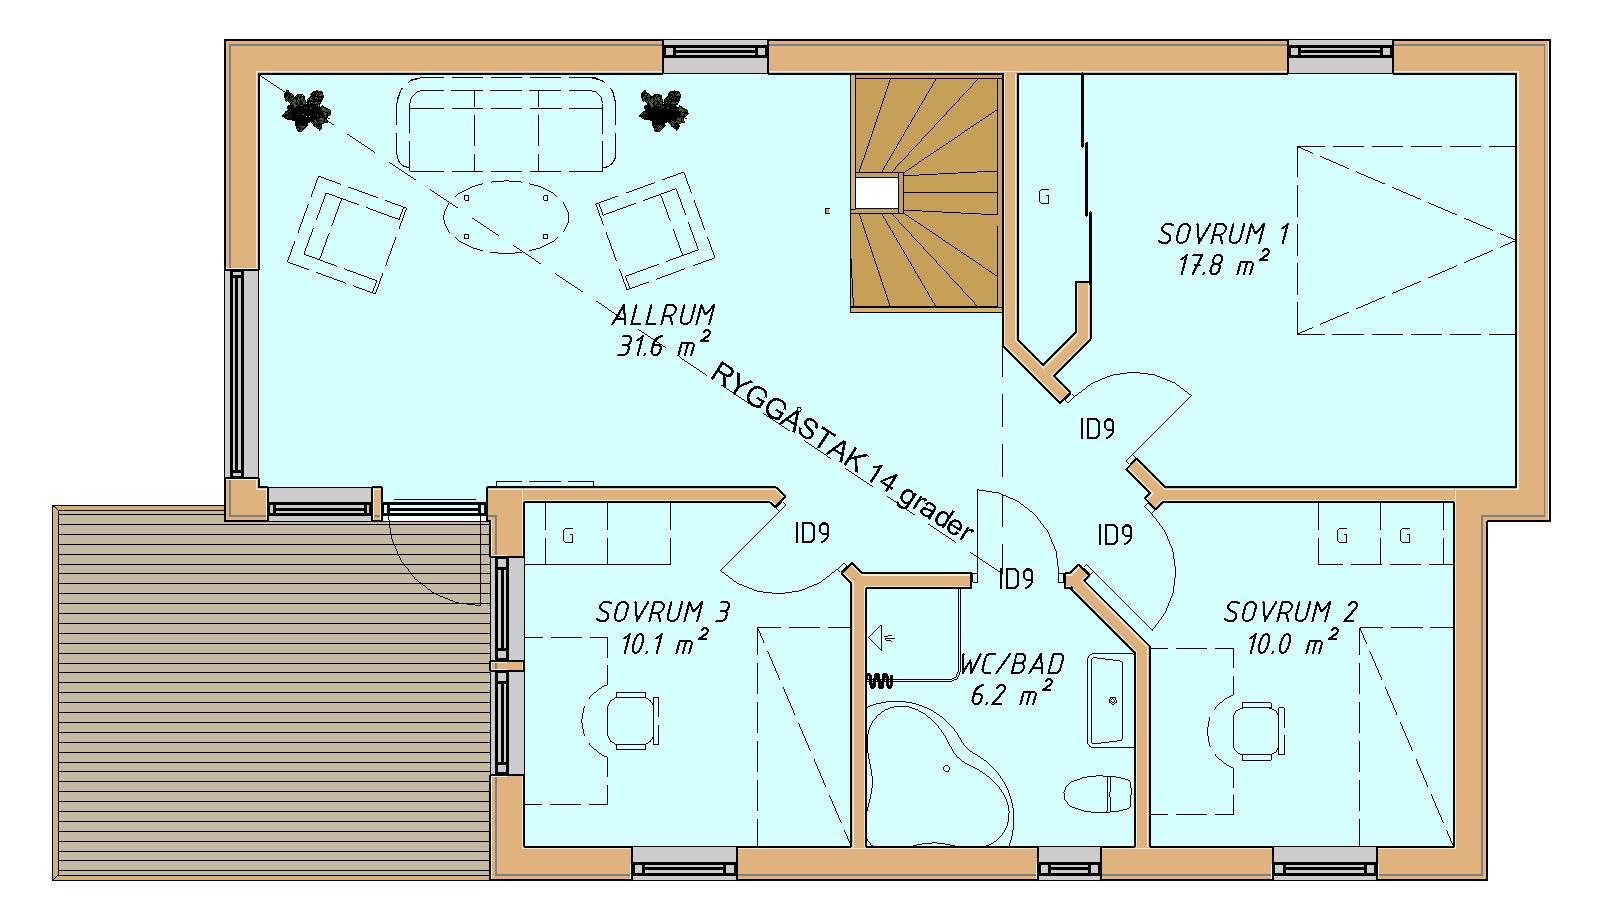 planlosningsbild 2 av ÅKARP